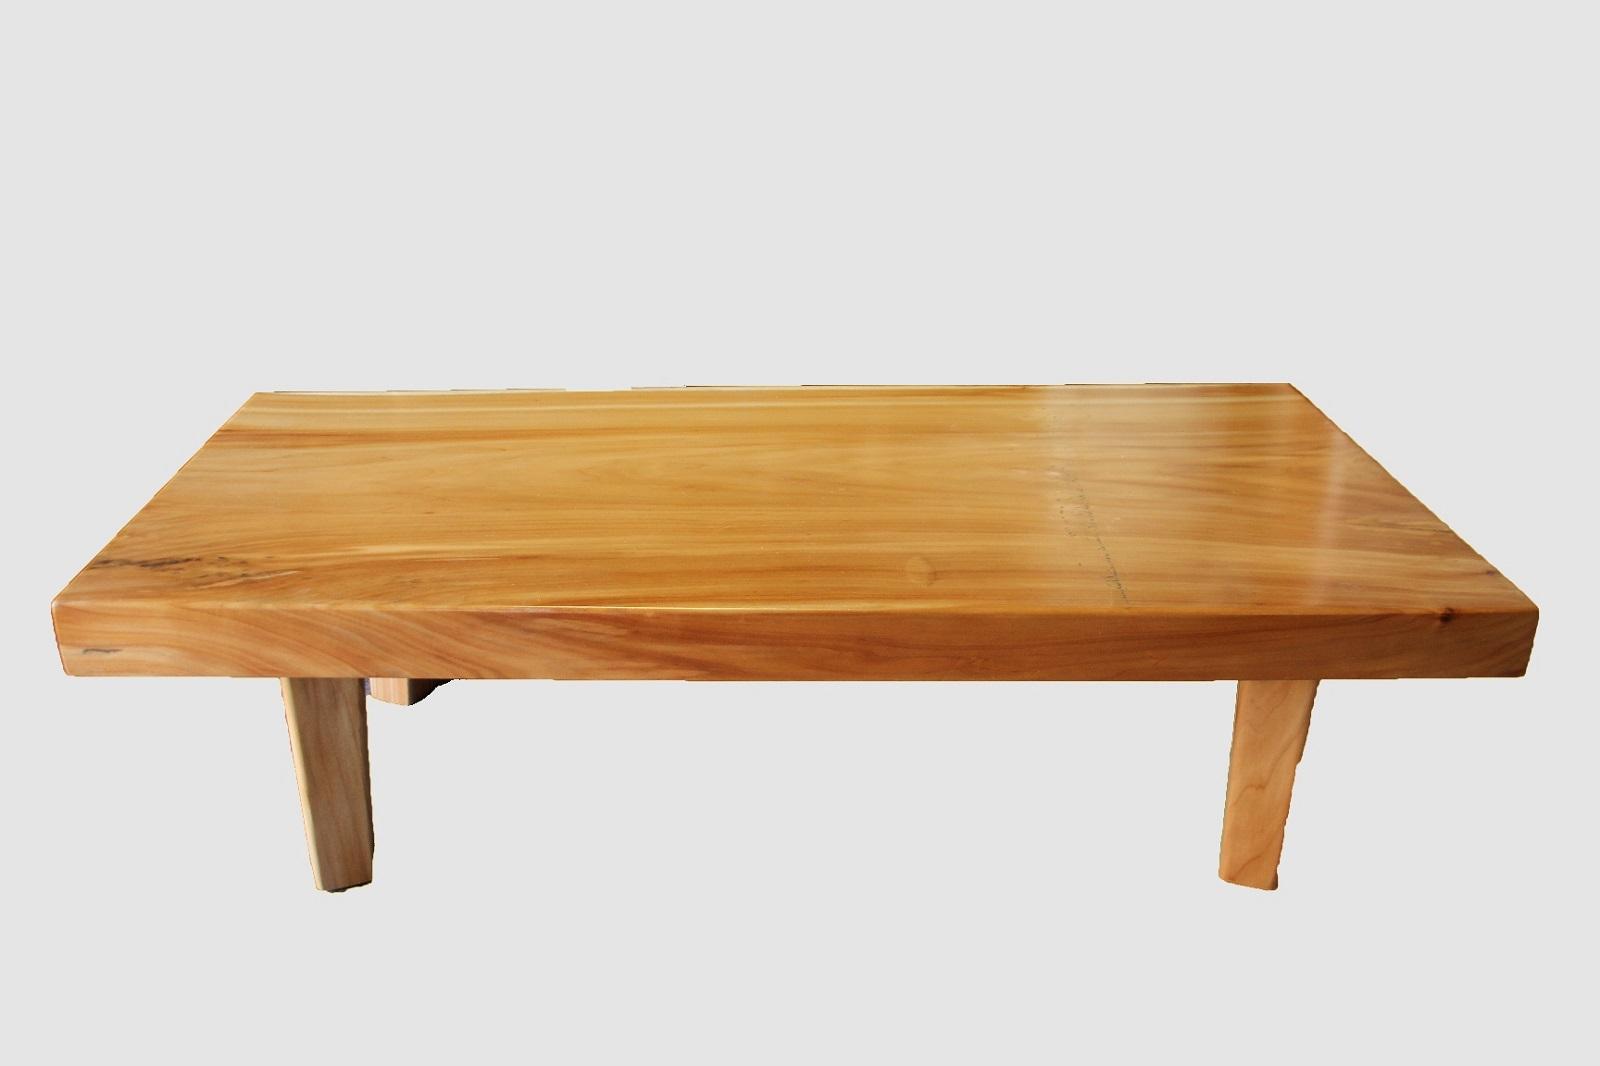 【53】座卓(テーブル)バッコヤナギ・一枚天板【厚さ約6.5cm】